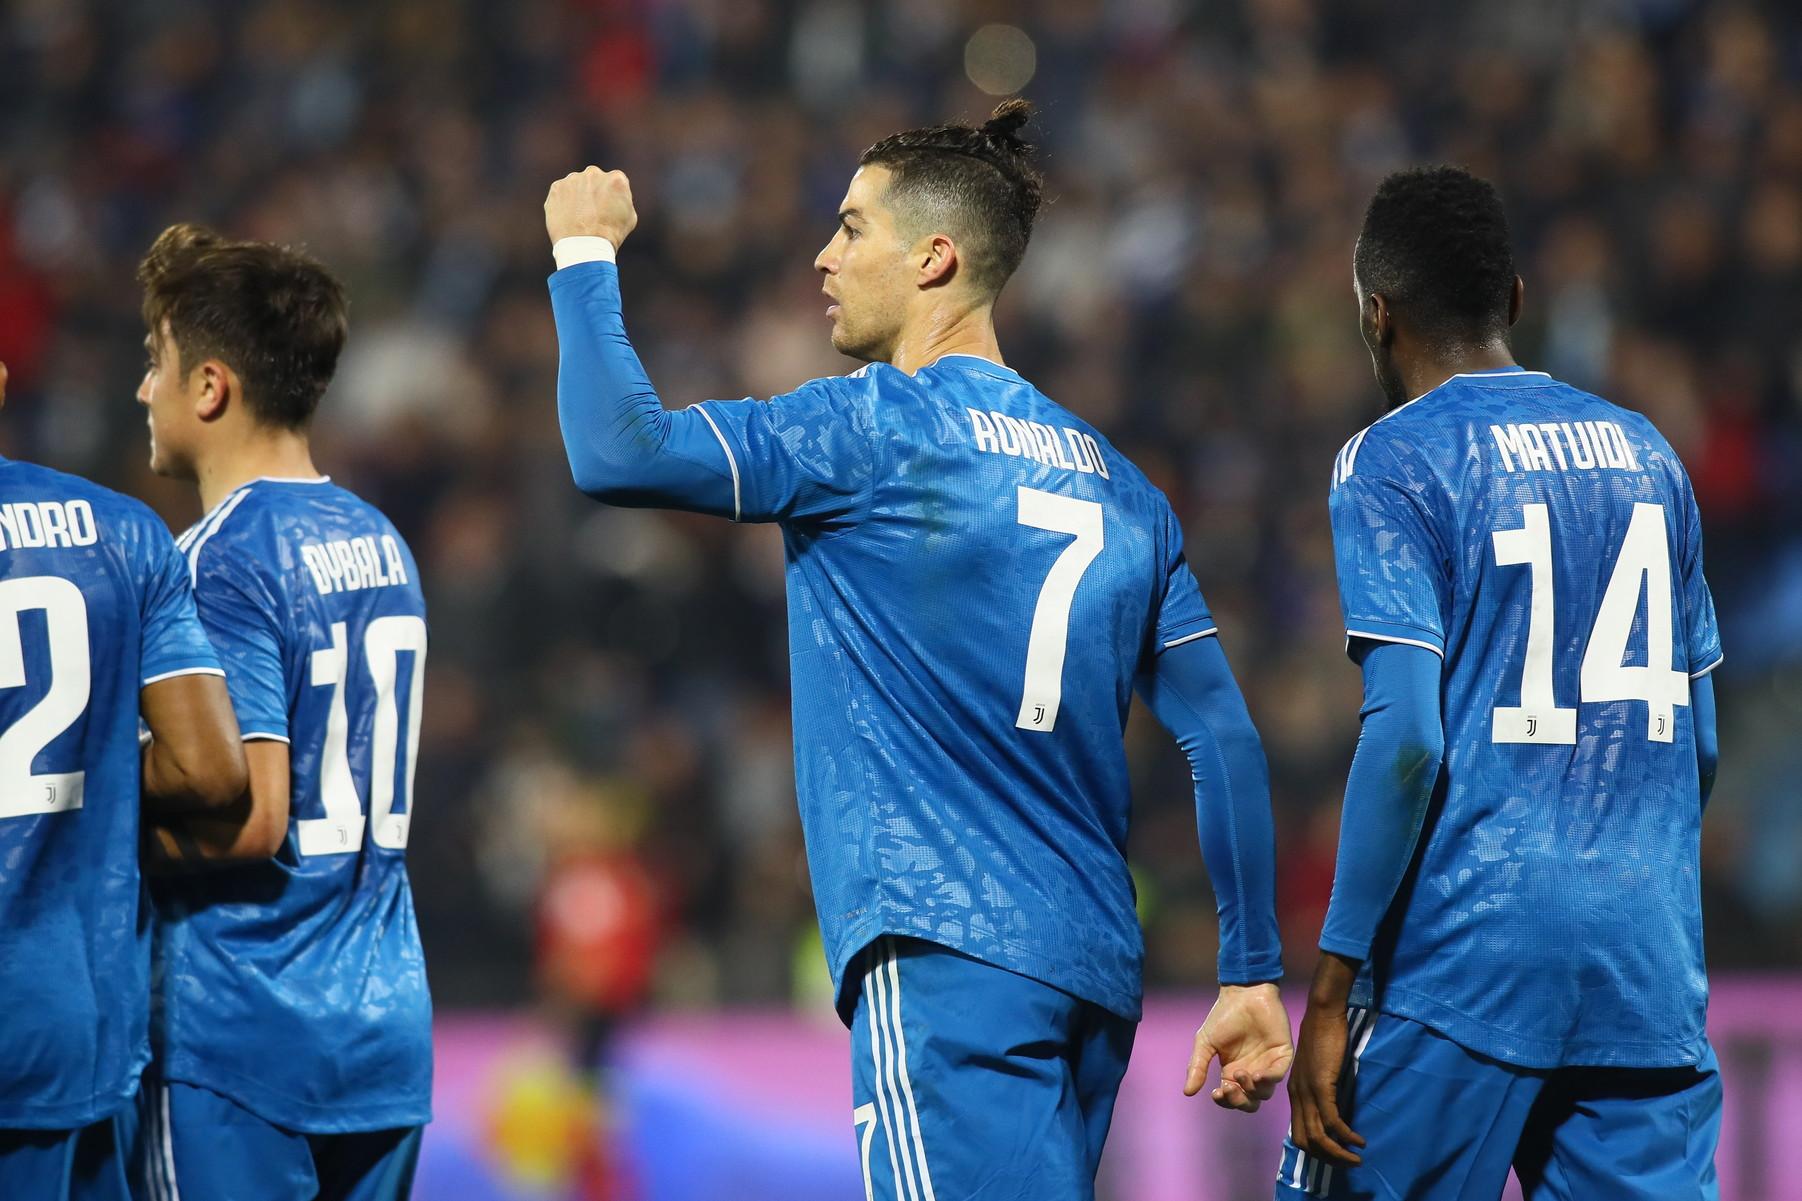 Nel terzo anticipo della 25a giornata di Serie A,la Juventus batte la Spal 2-1, torna a vincere in trasferta e allunga momentaneamente a +4 sull...